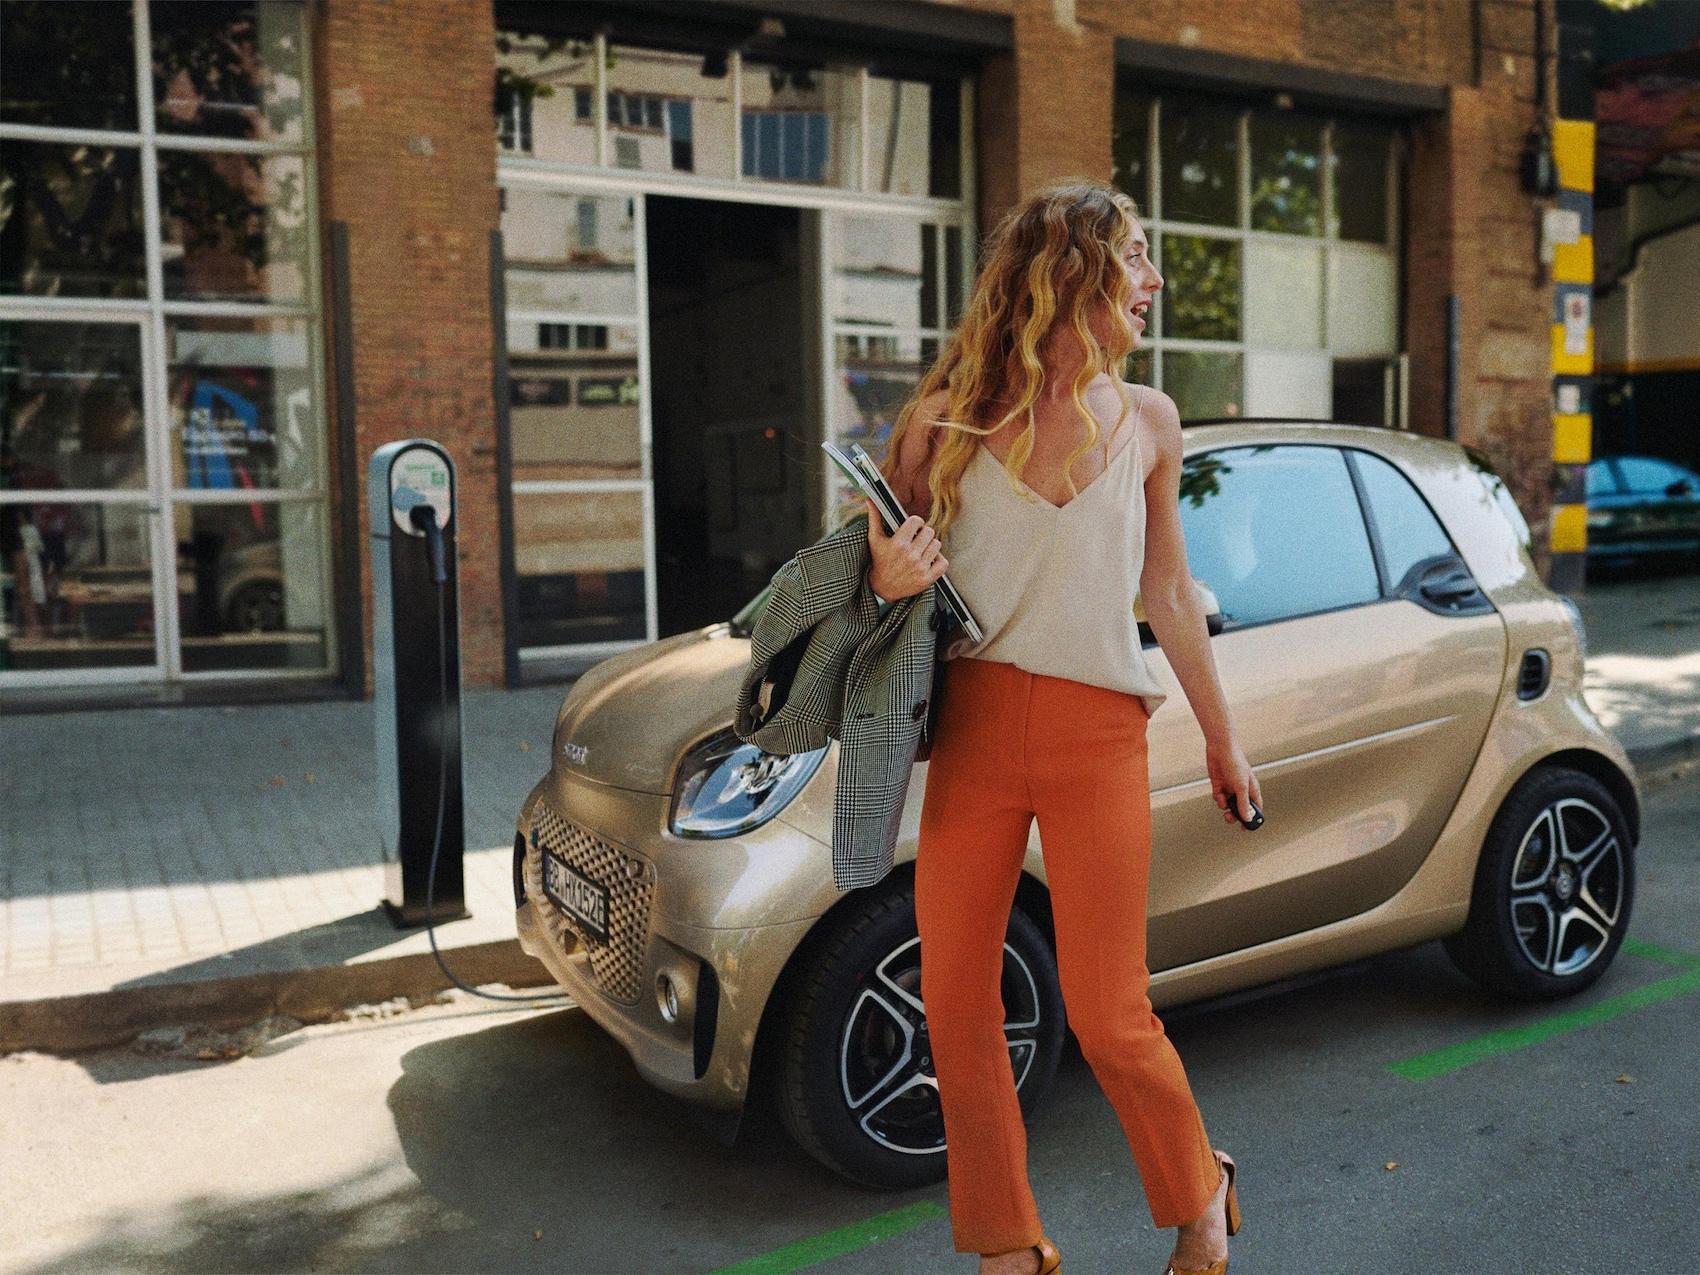 Ein smart EQ fortwo geparkt an einer Ladesäule mit einer jungen Frau davor.